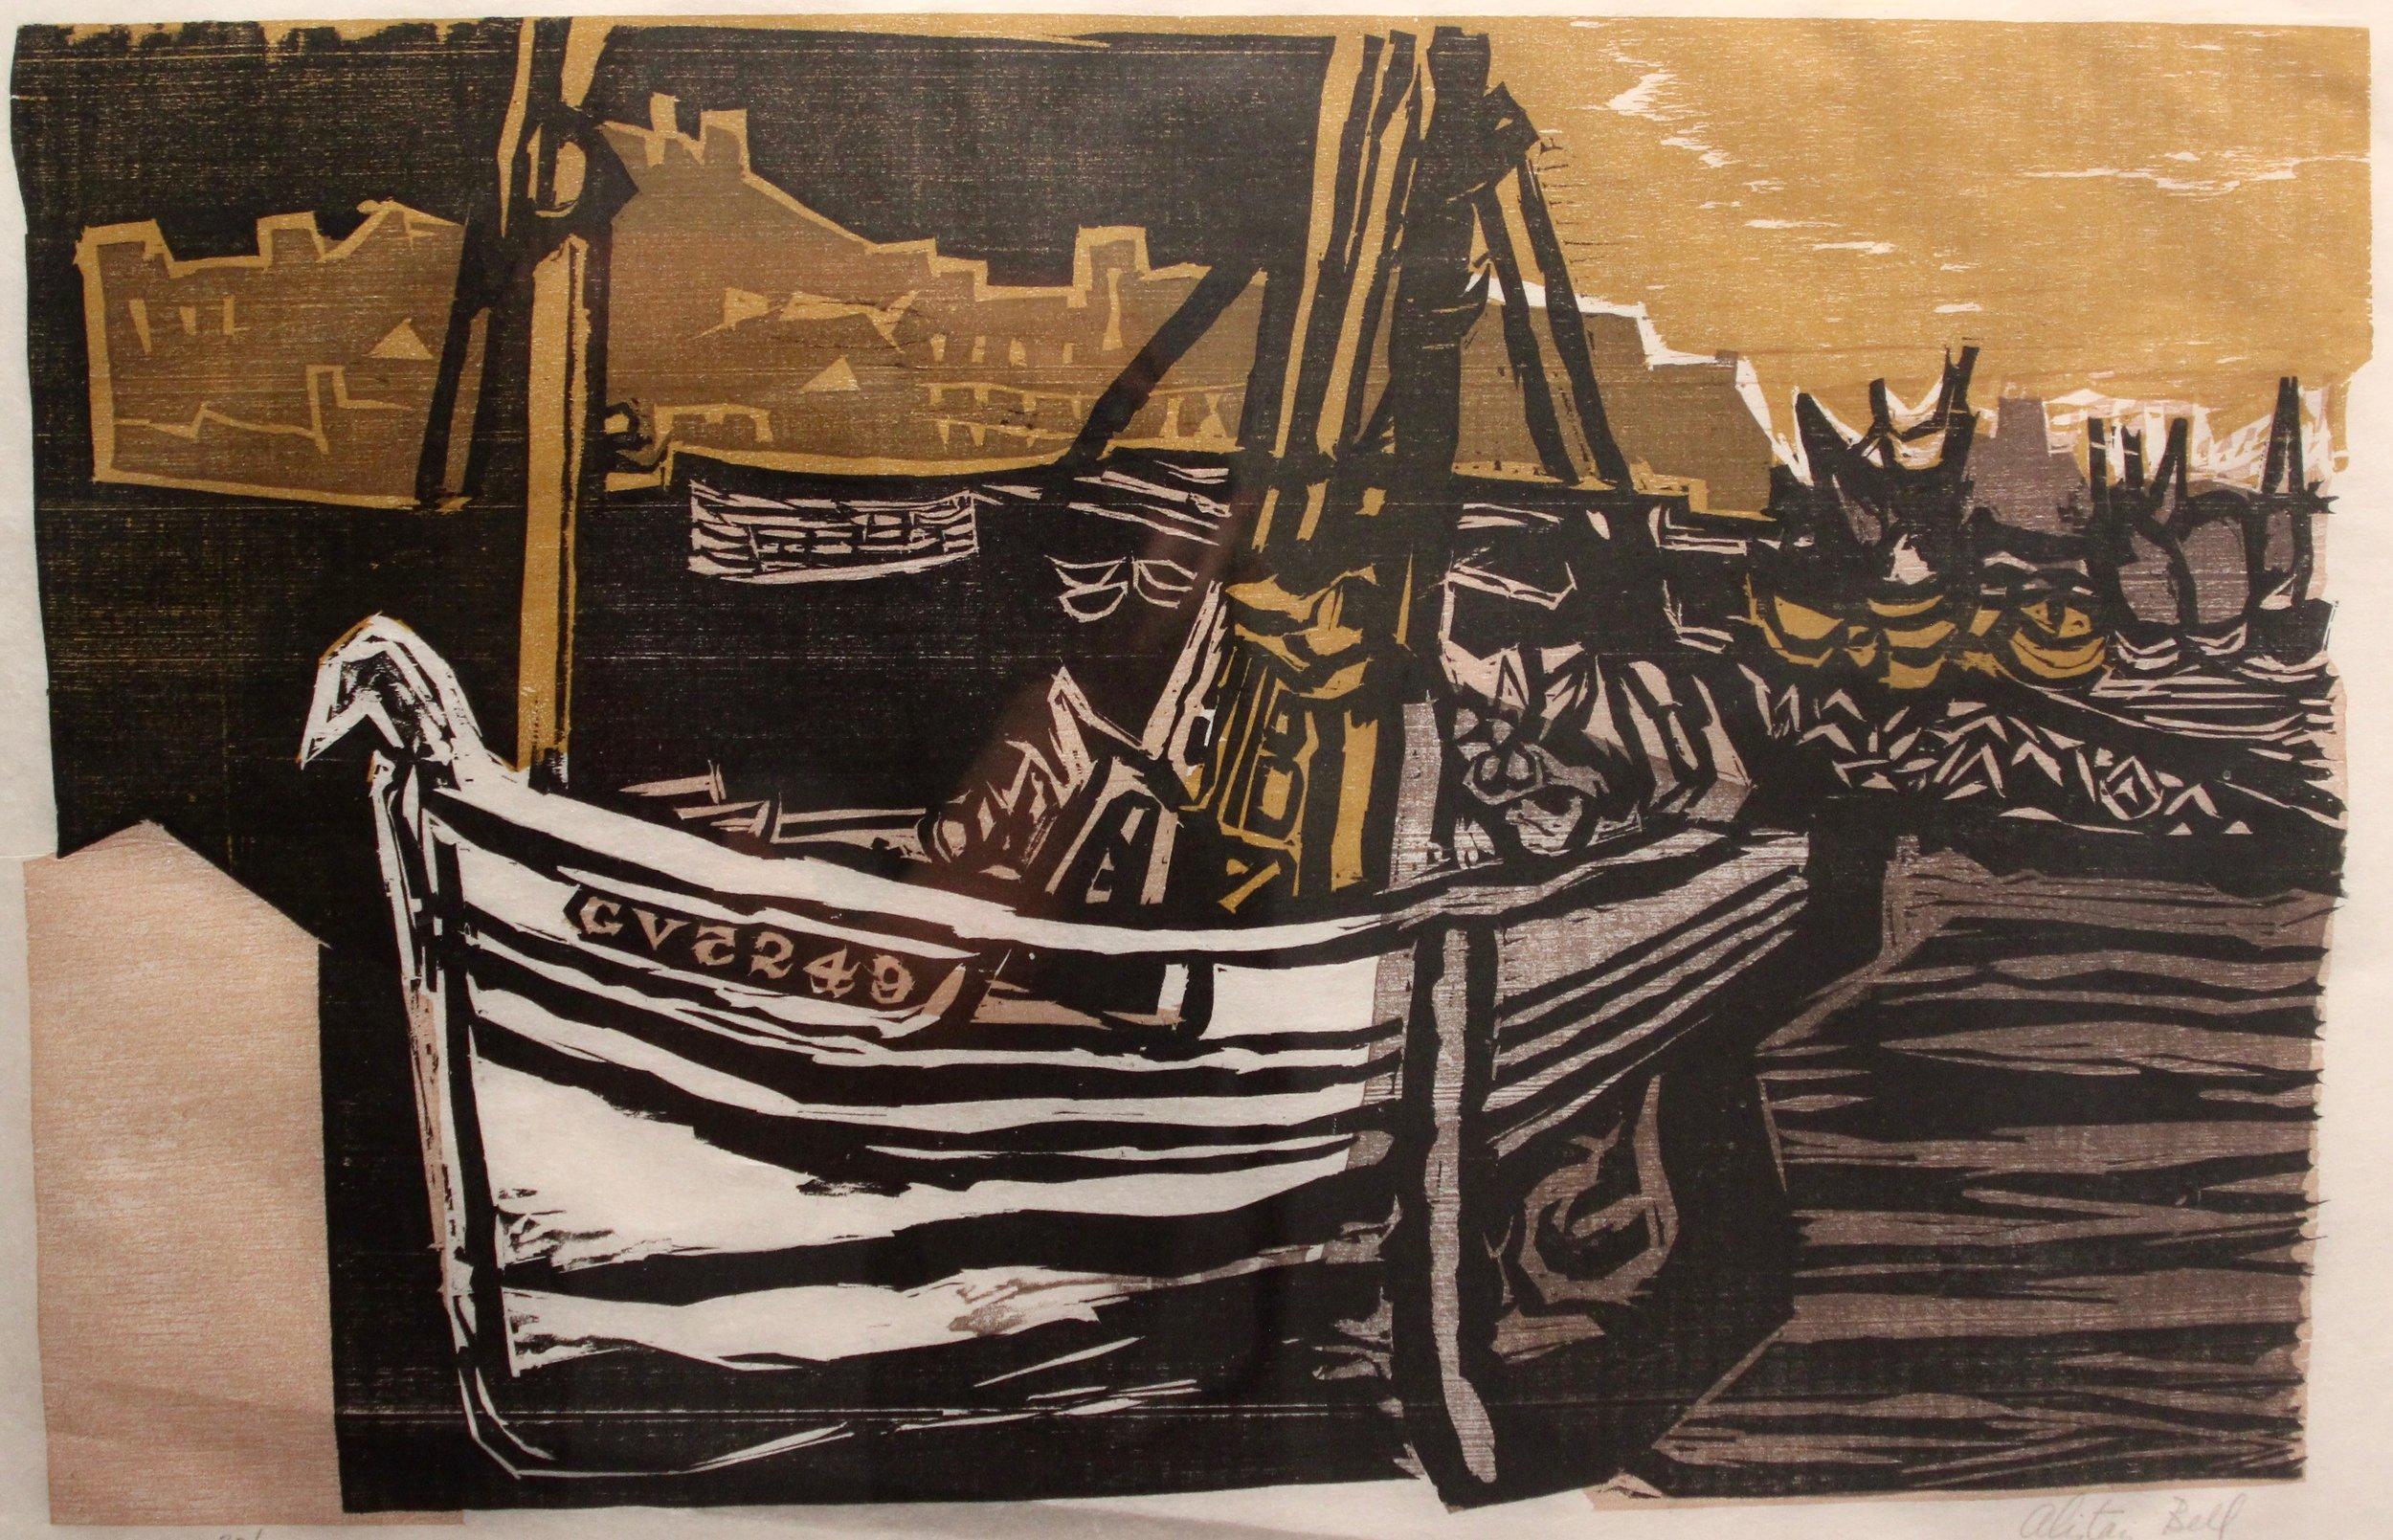 Alistair Macready Bell, GV7294